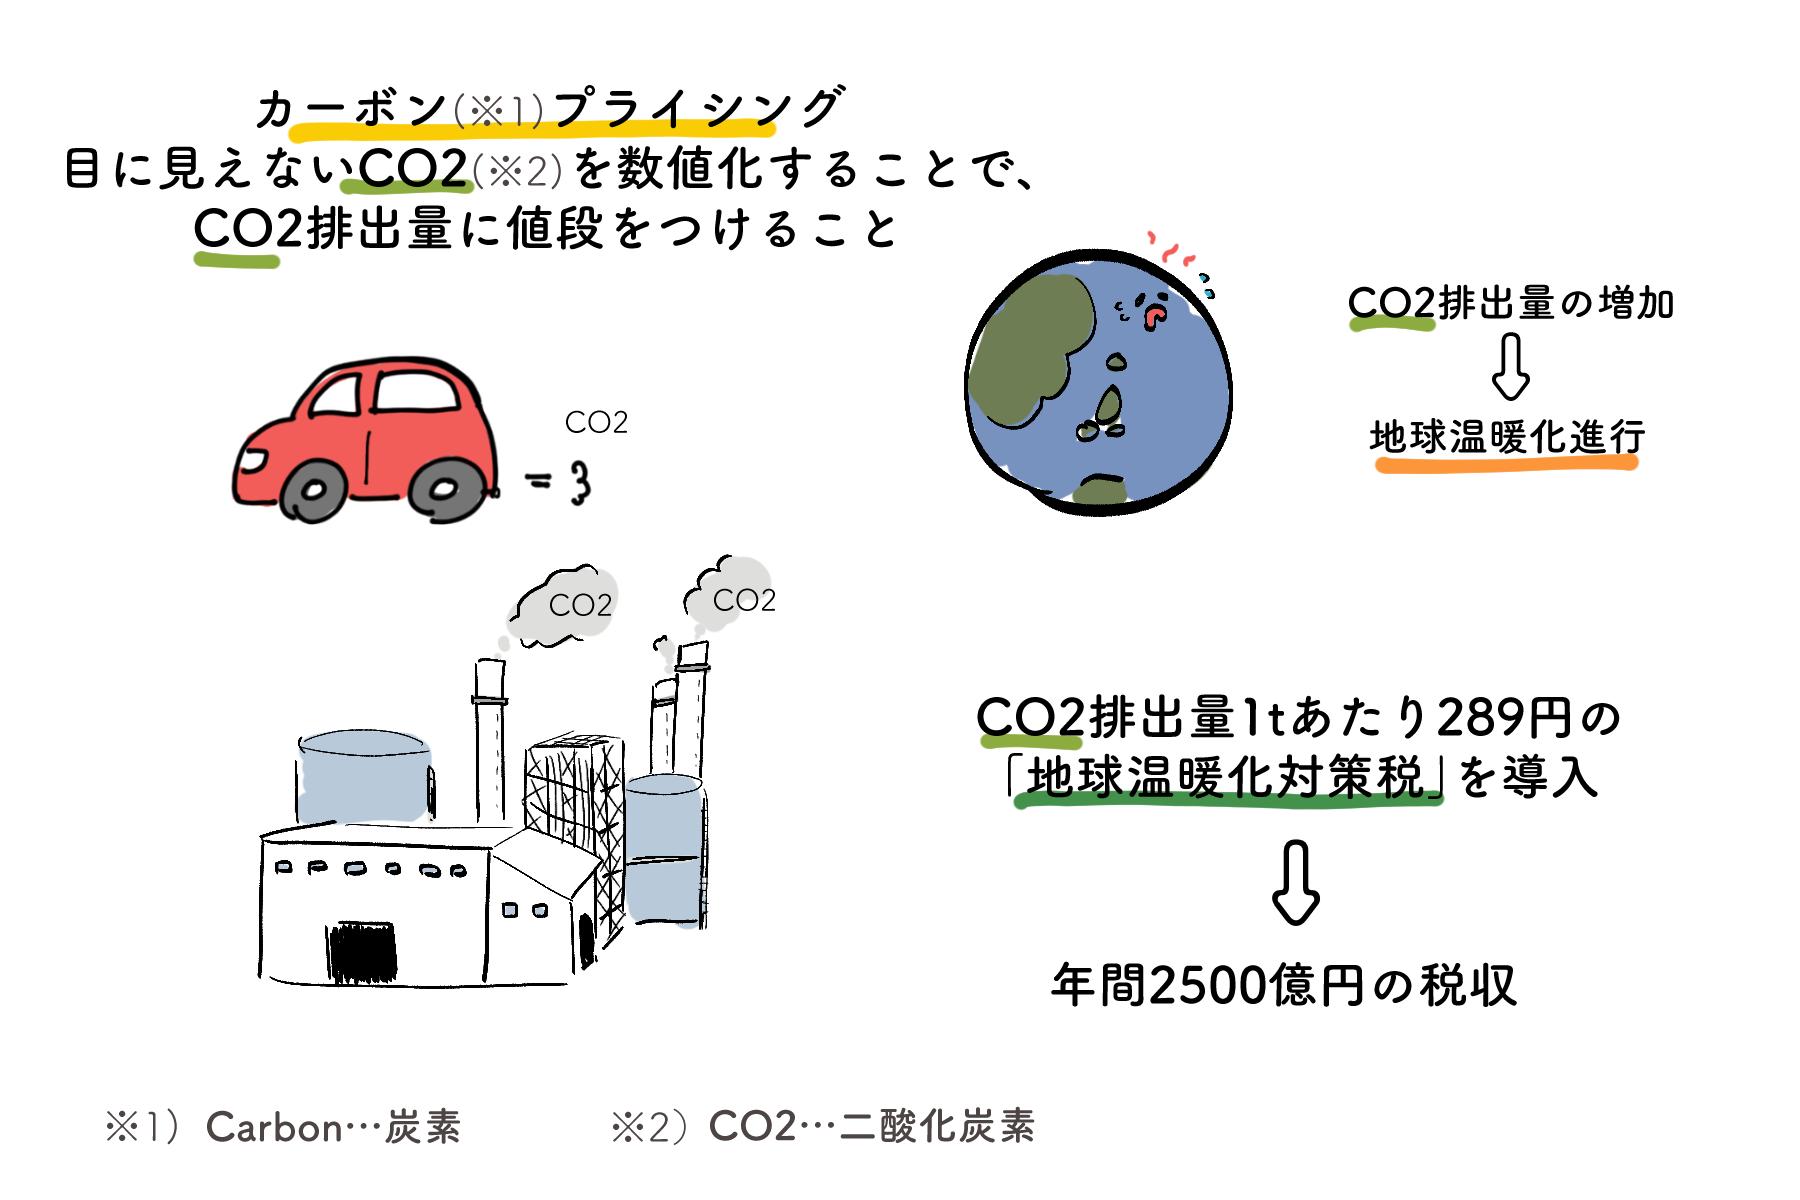 【脱炭素な言葉】カーボンプライシングってな~んだ。